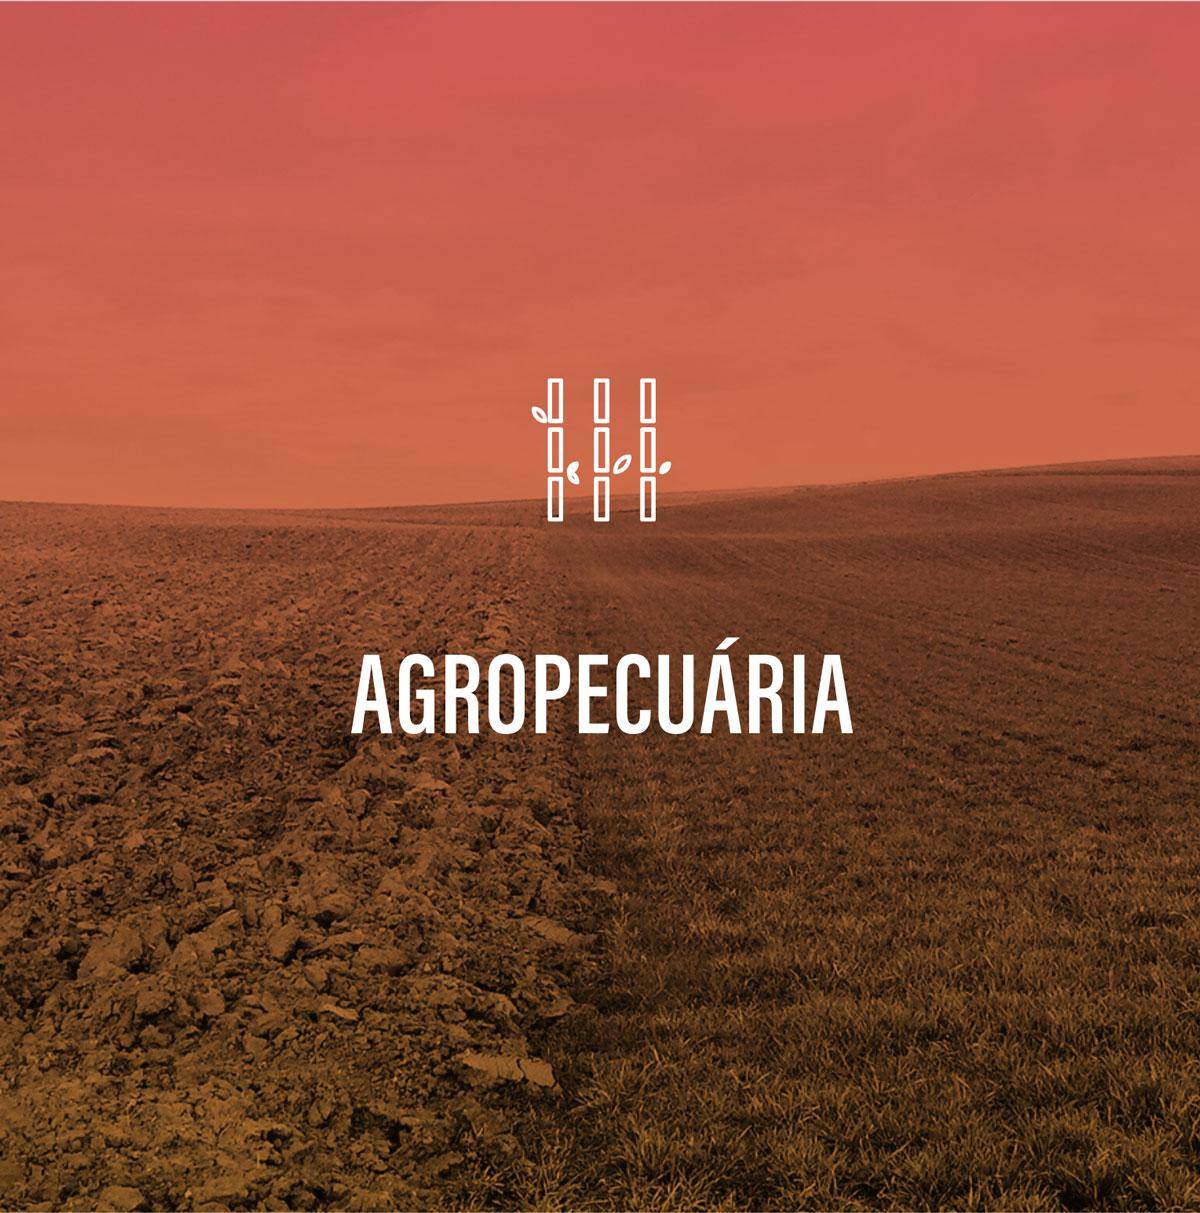 Agropecuária